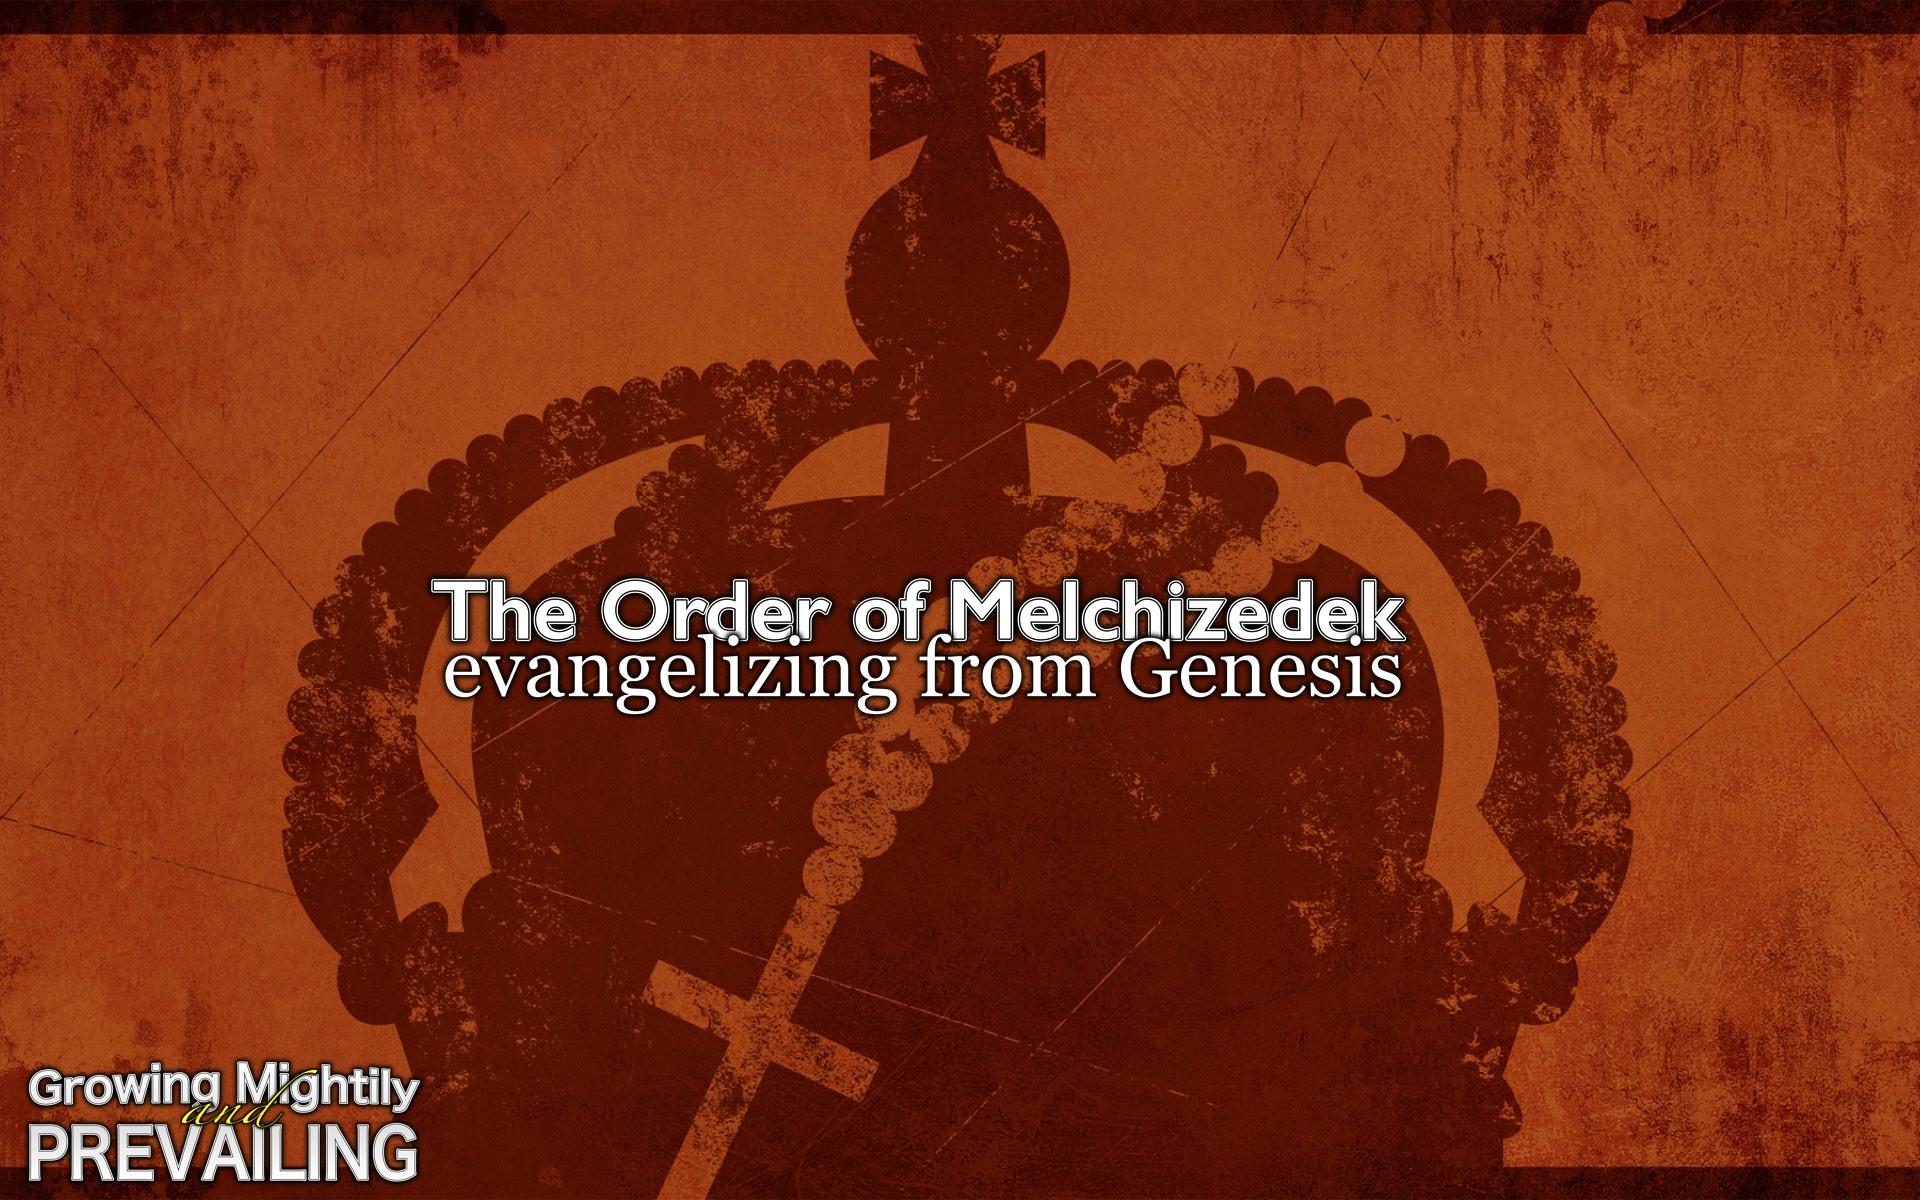 Evangelizing from Genesis – The Order of Melchizedek